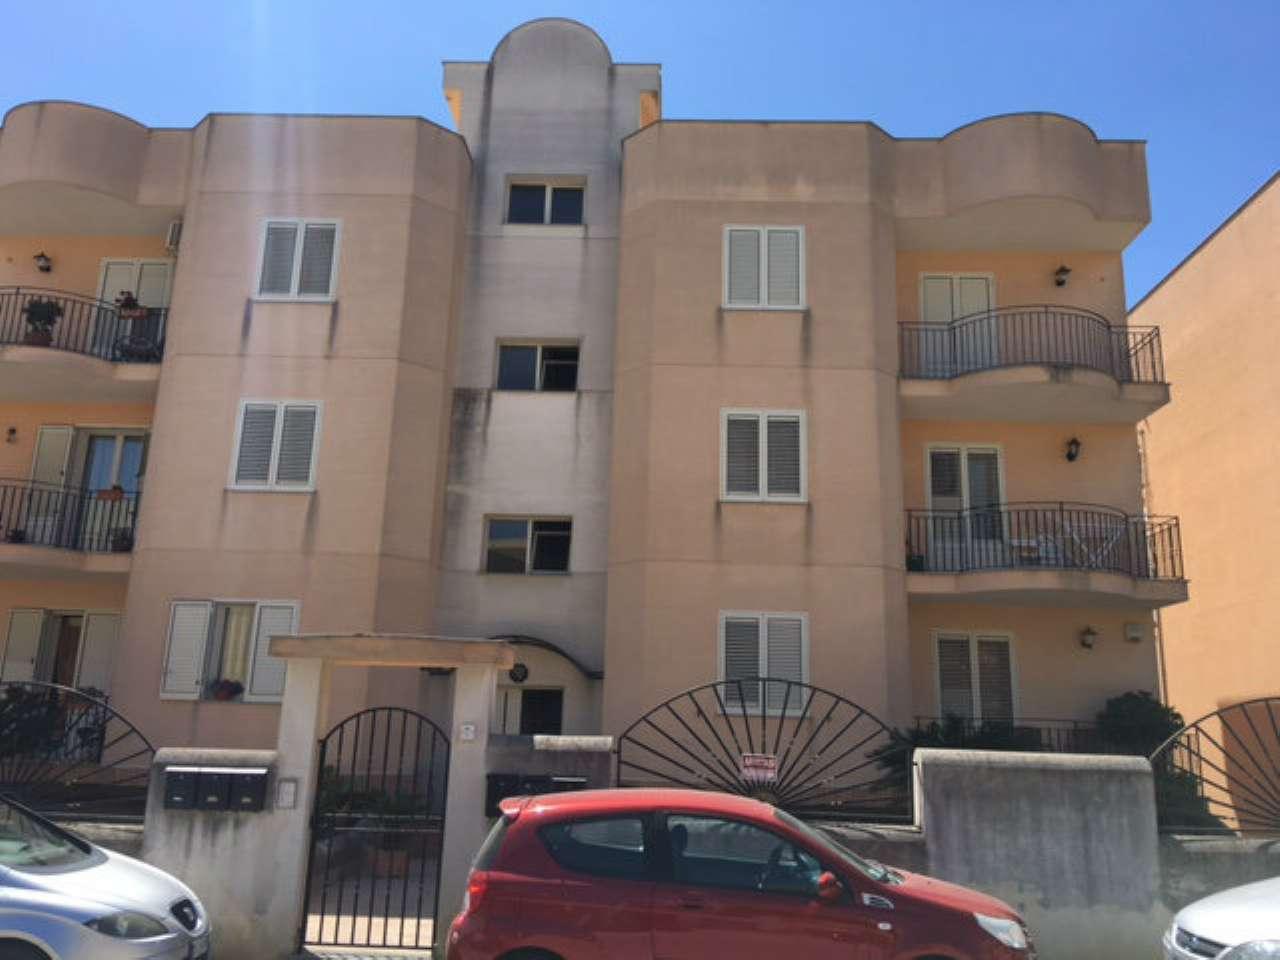 Appartamento in vendita a Castelvetrano, 5 locali, prezzo € 139.000 | CambioCasa.it